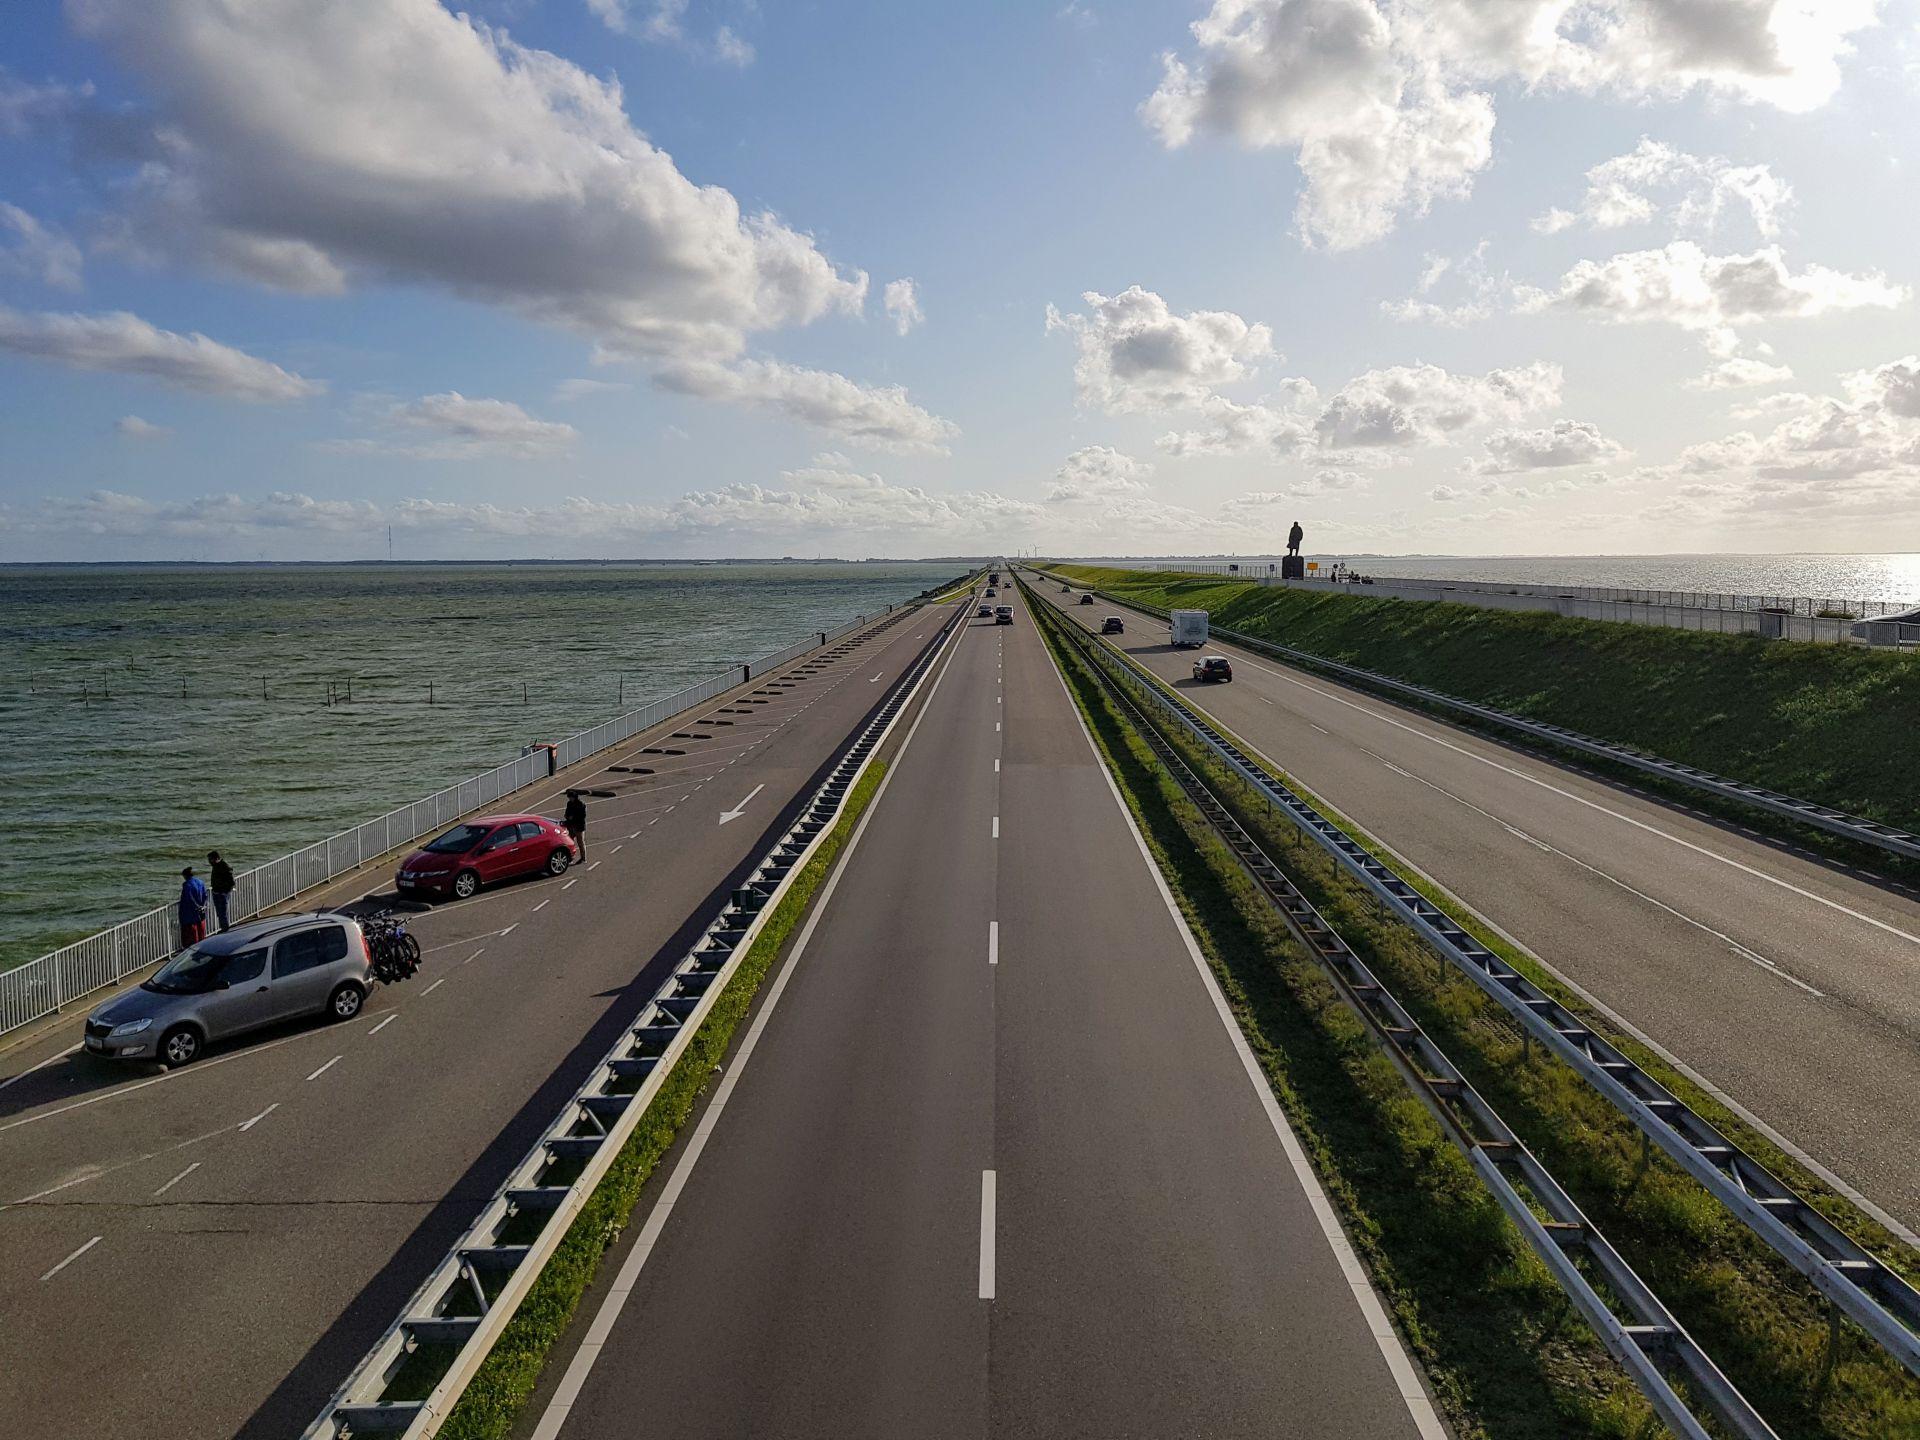 Dálnice A7 přes Afsluitdijk - uzavírací hráz, která rozděluje záliv Zuiderzee na dvě části: Waddenzee a uměle vytvořené jezero Ijsselmeer. Foto: Jan Sůra